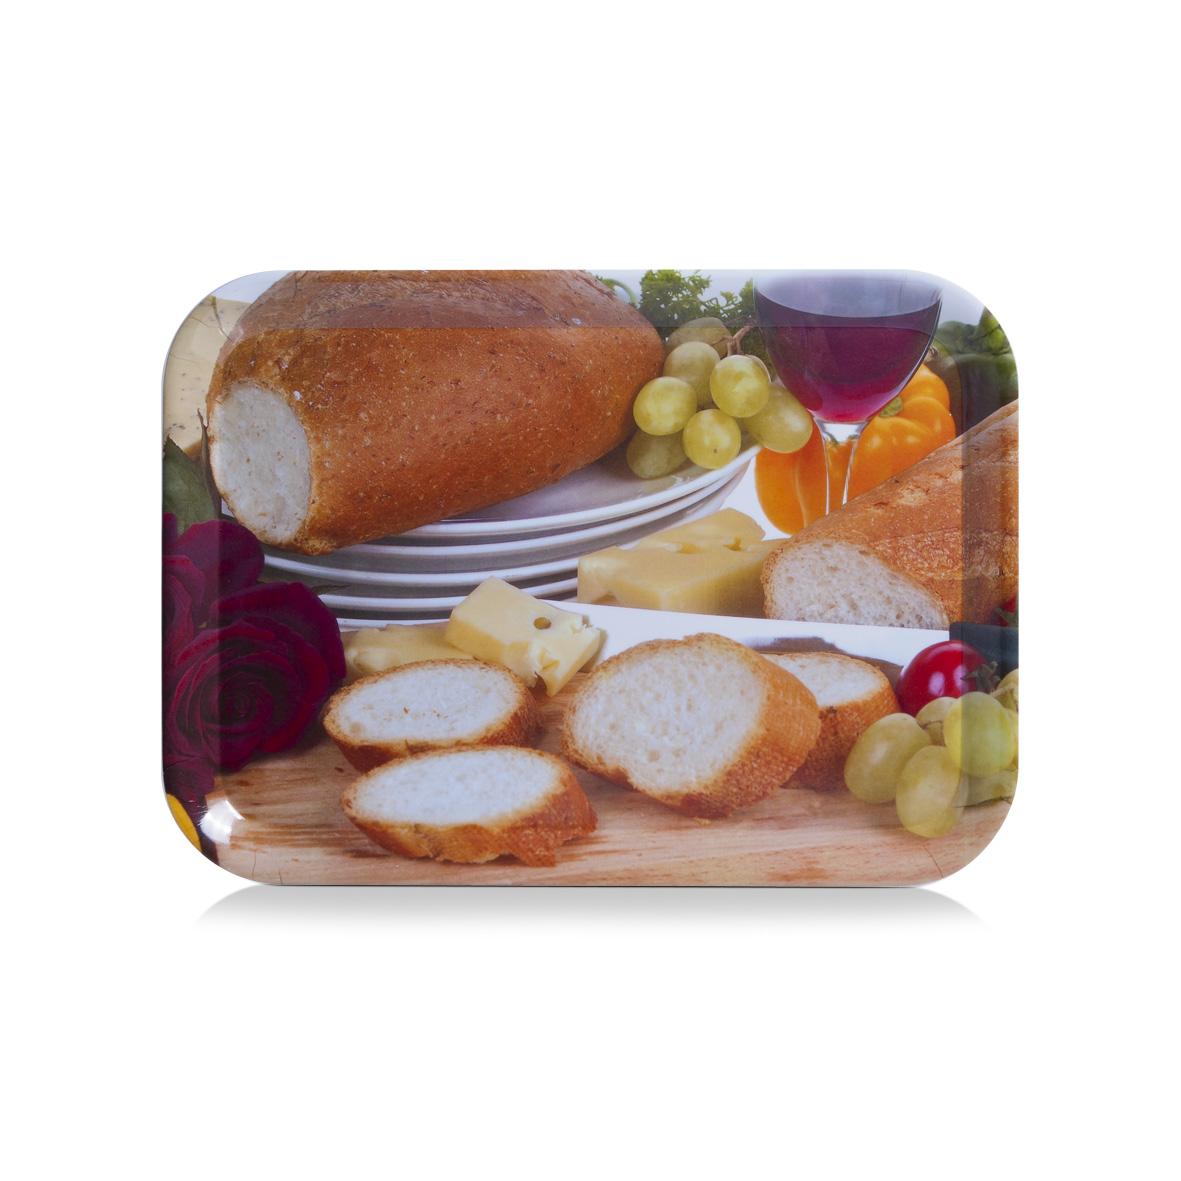 Поднос Zeller, 39 см х 28 см26684Оригинальный поднос Zeller, изготовленный из пластика, станет незаменимым предметом для сервировки стола. Поднос не только дополнит интерьер вашей кухни, но и предохранит поверхность стола от грязи и перегрева. Яркий и стильный поднос Zeller придется по вкусу и ценителям классики, и тем, кто предпочитает современный стиль.